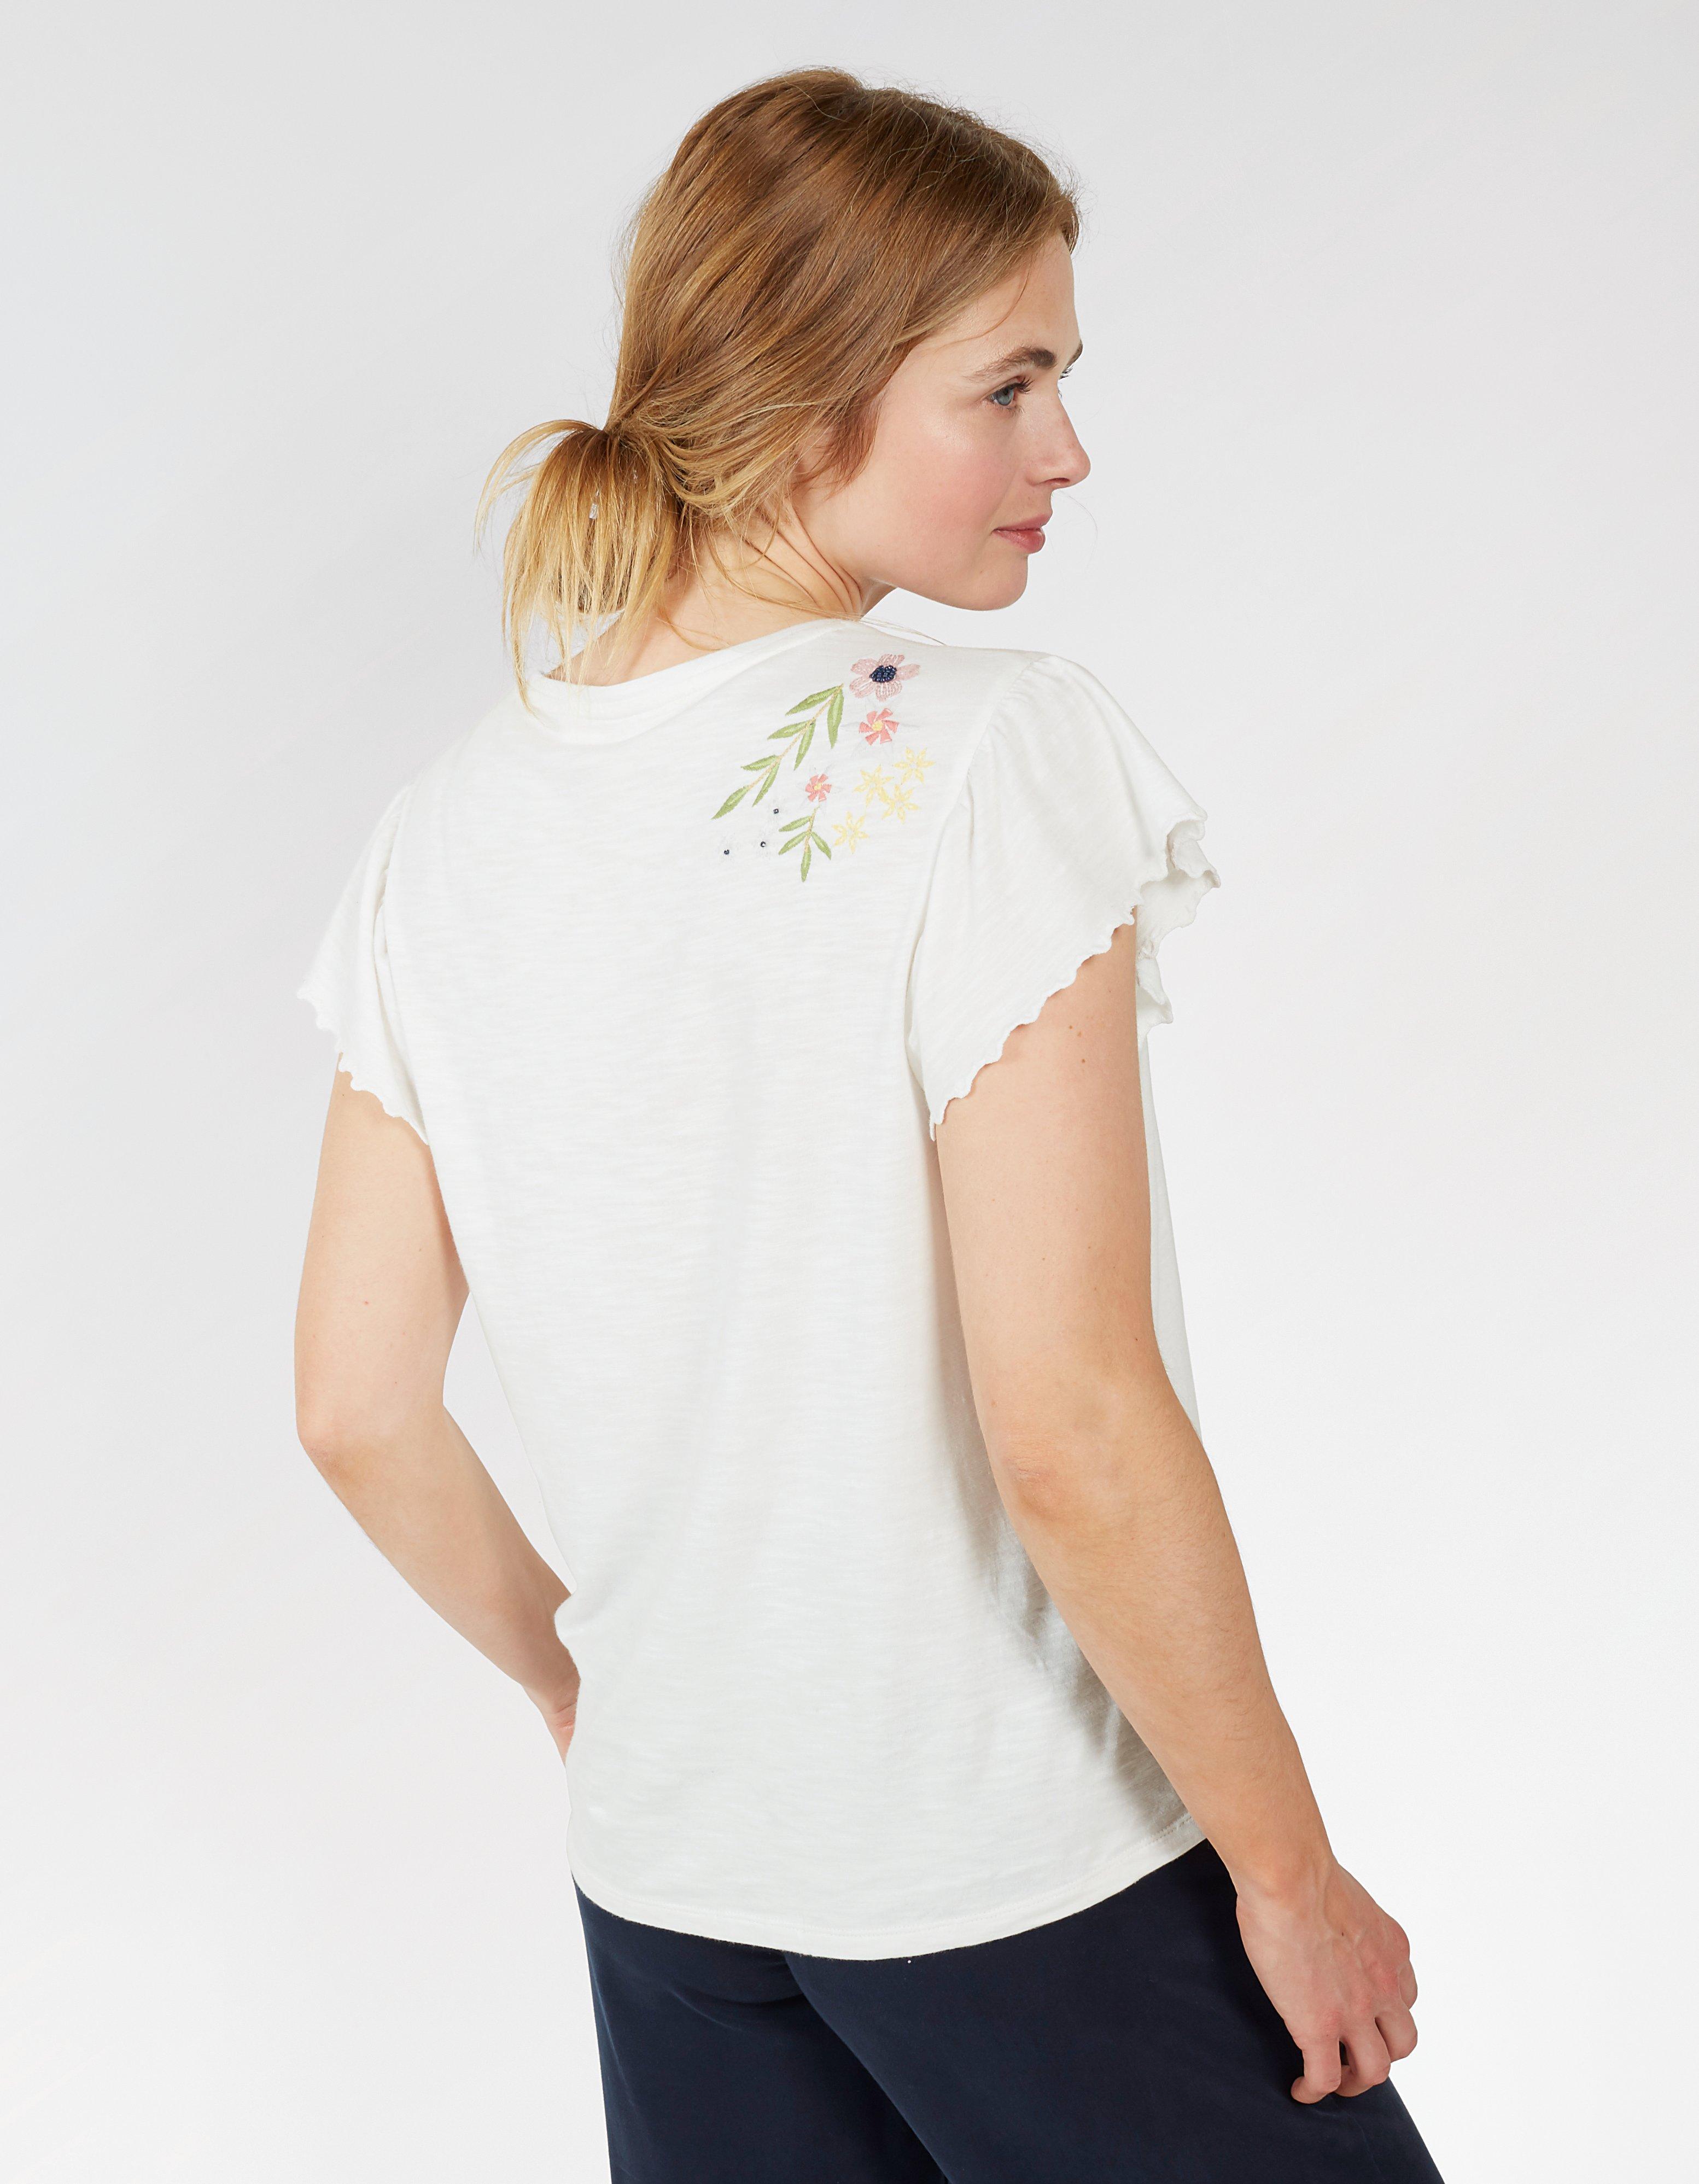 Aurelia Embroidered Tee